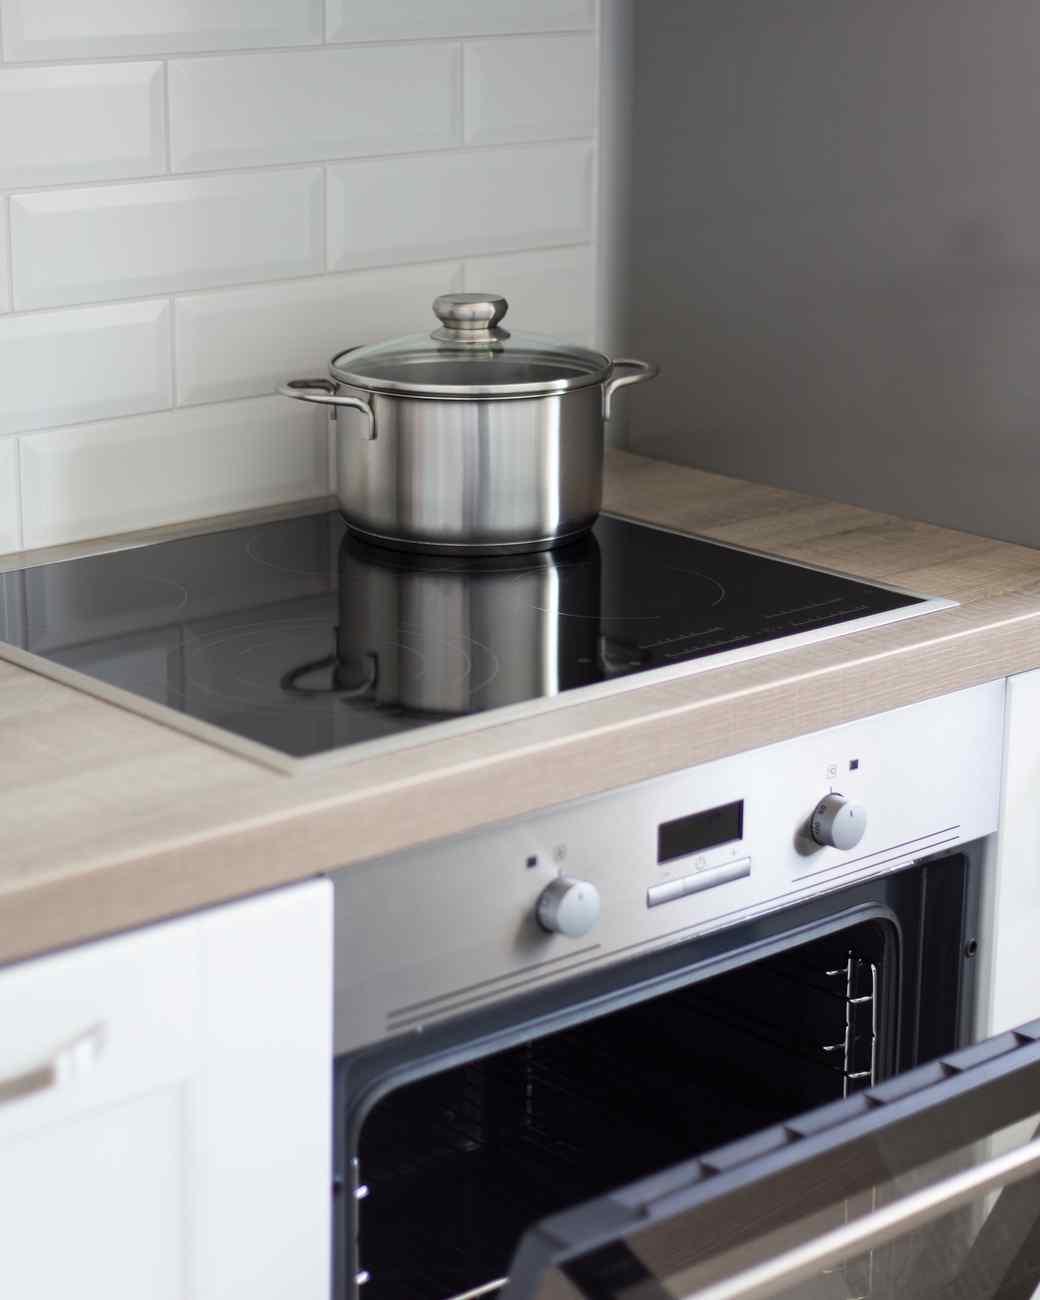 diy-oven-cleaner-3-19